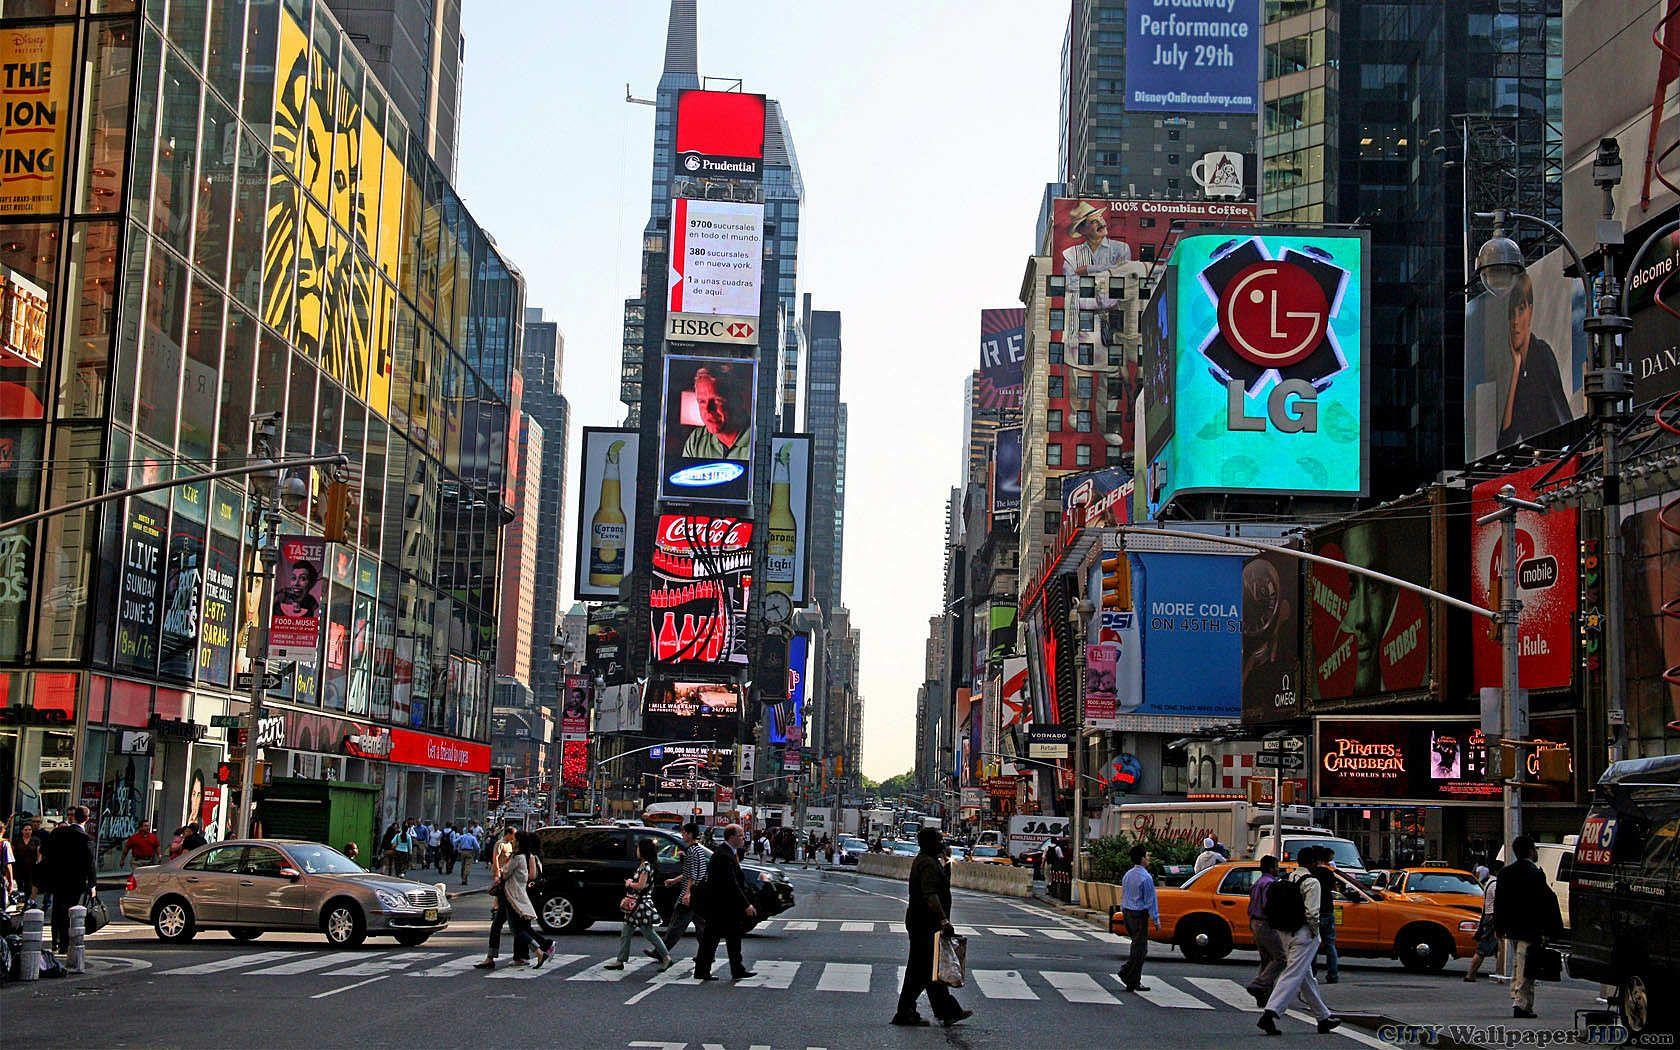 Fondos De Pantalla Ciudades De Estados Unidos Para Fondo Celular En Hd 15 HD  Wallpapers